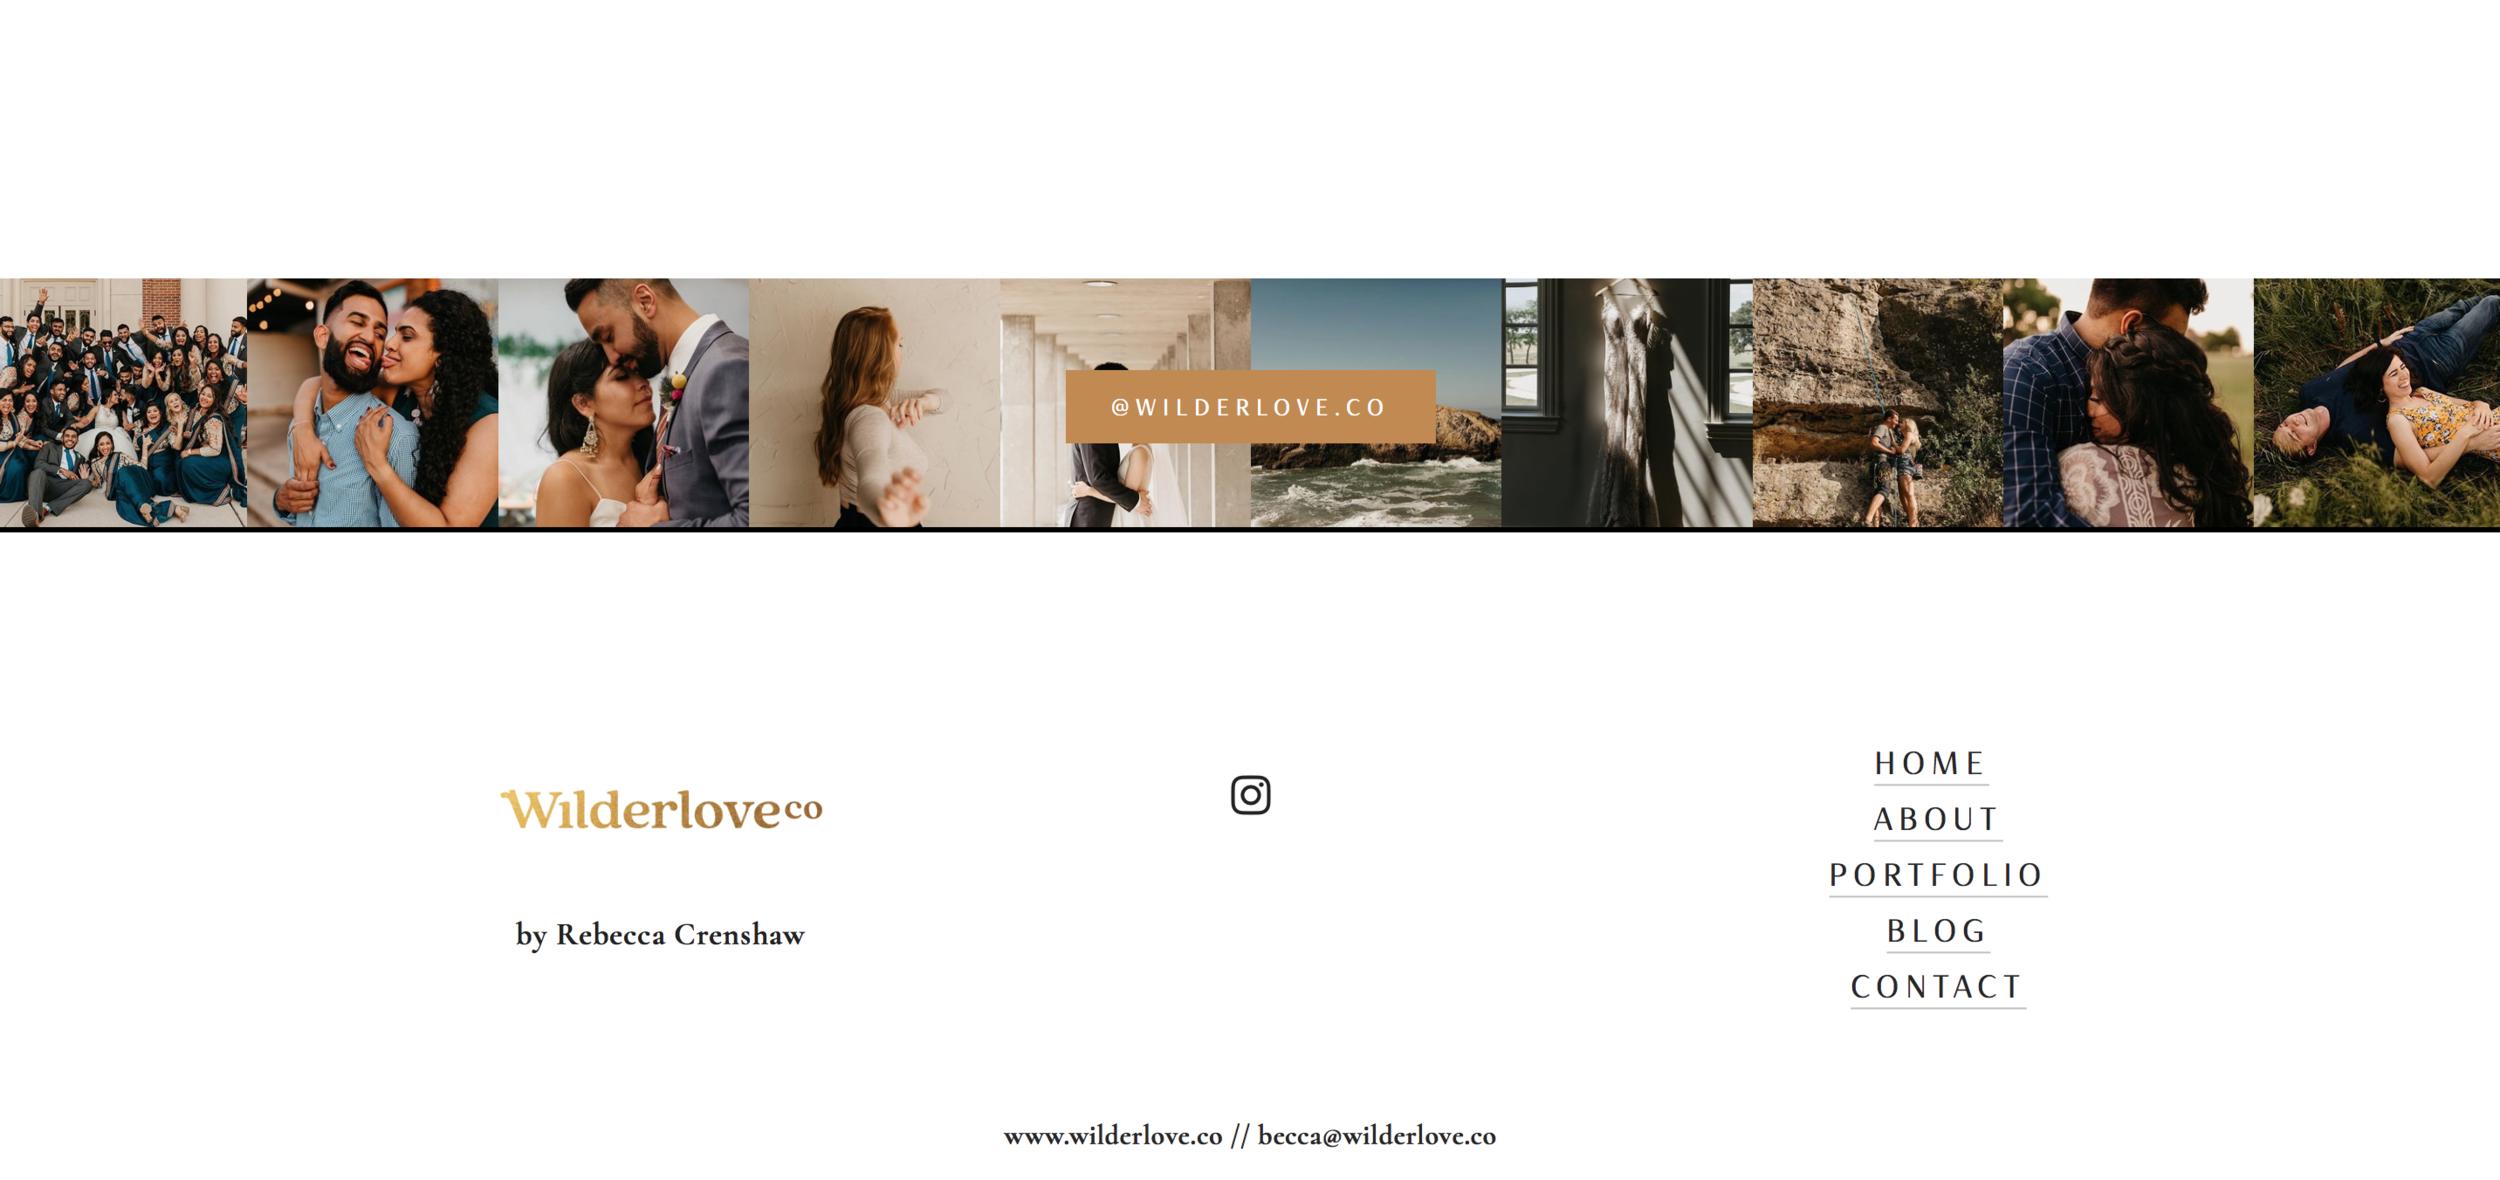 wilderlove-co-website-2.jpg